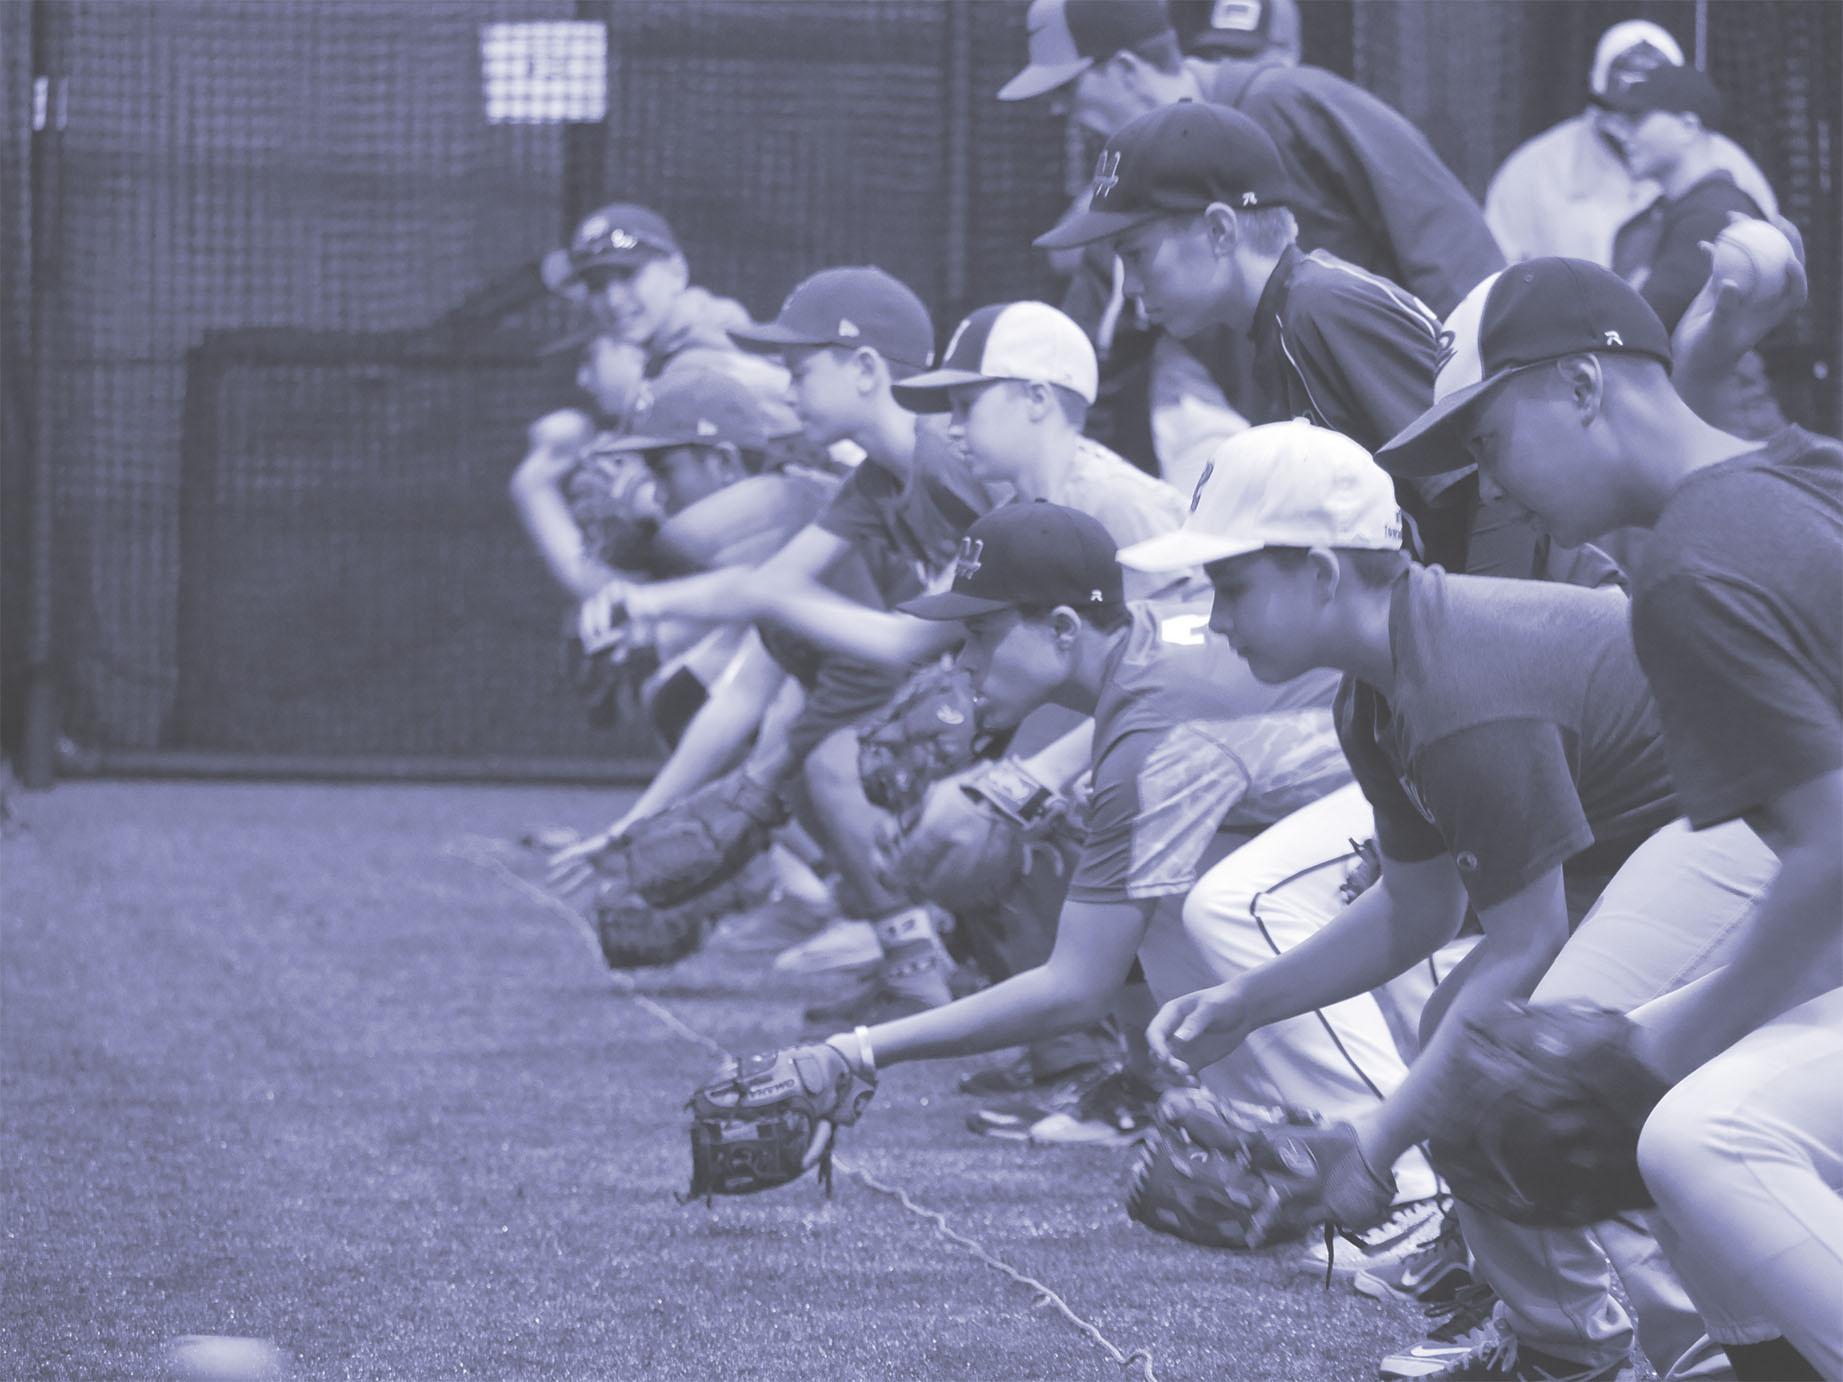 Players Fielding in Blue